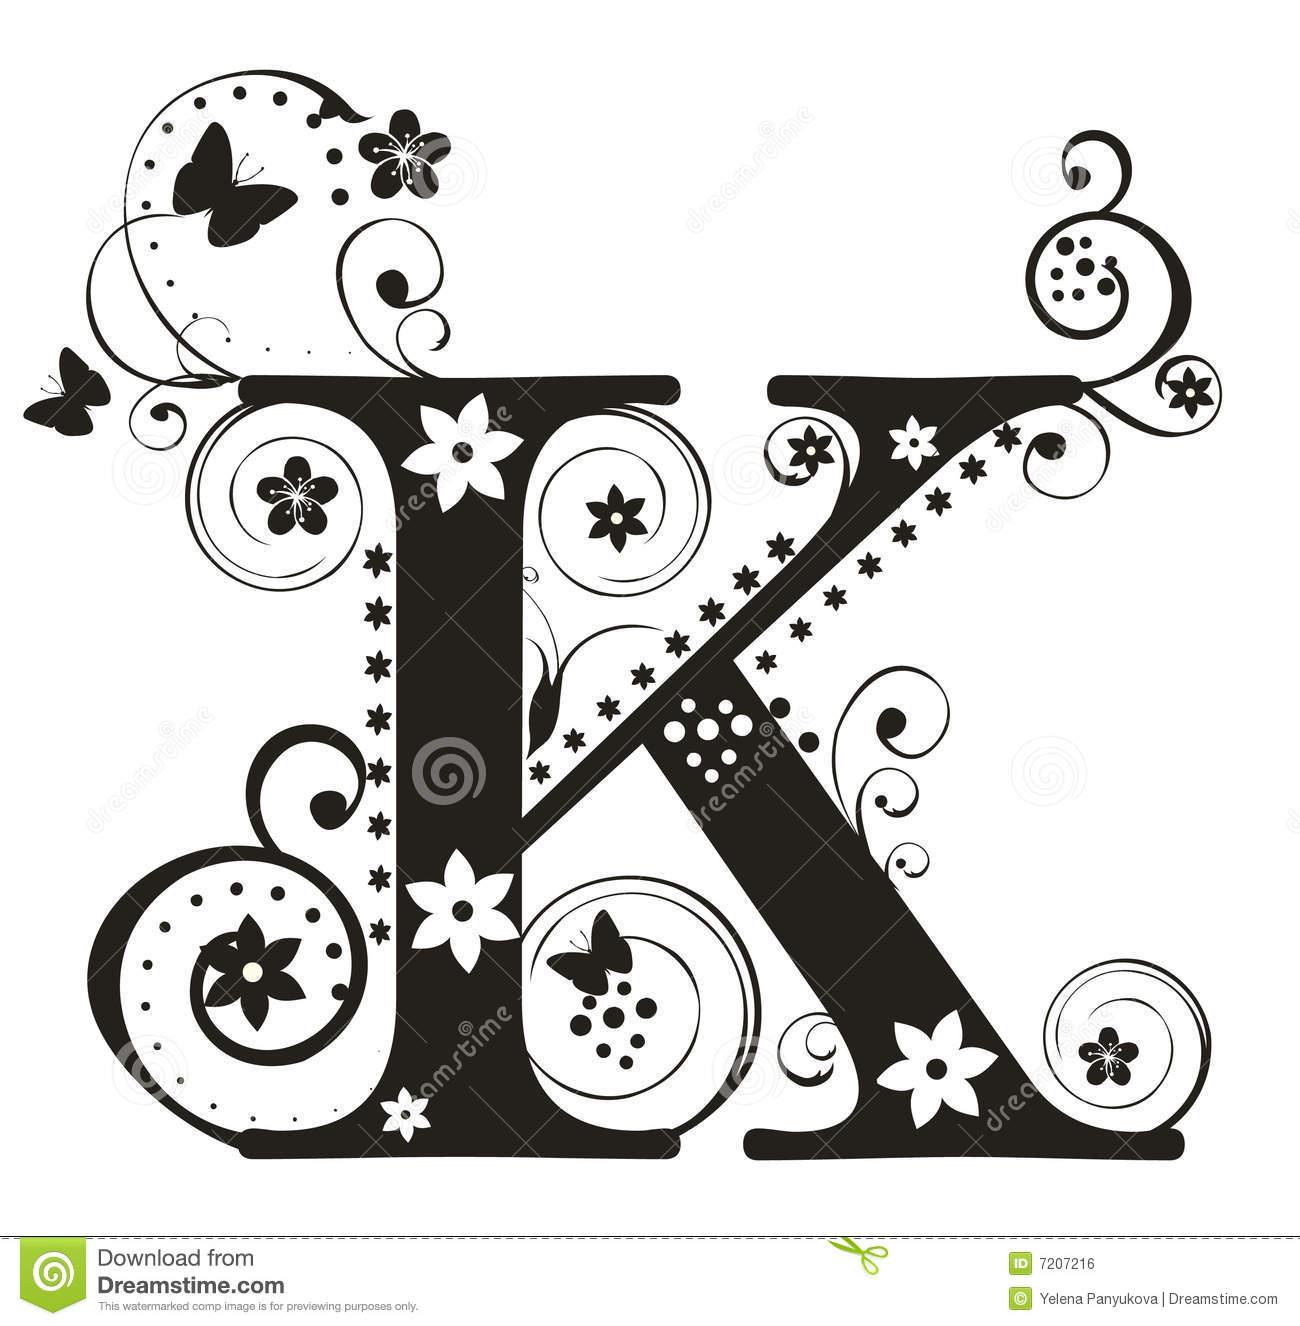 ��� ��� K , ��� ��� K ������ , ������ ����� 2016 letter K pictures new_1420731012_842.j